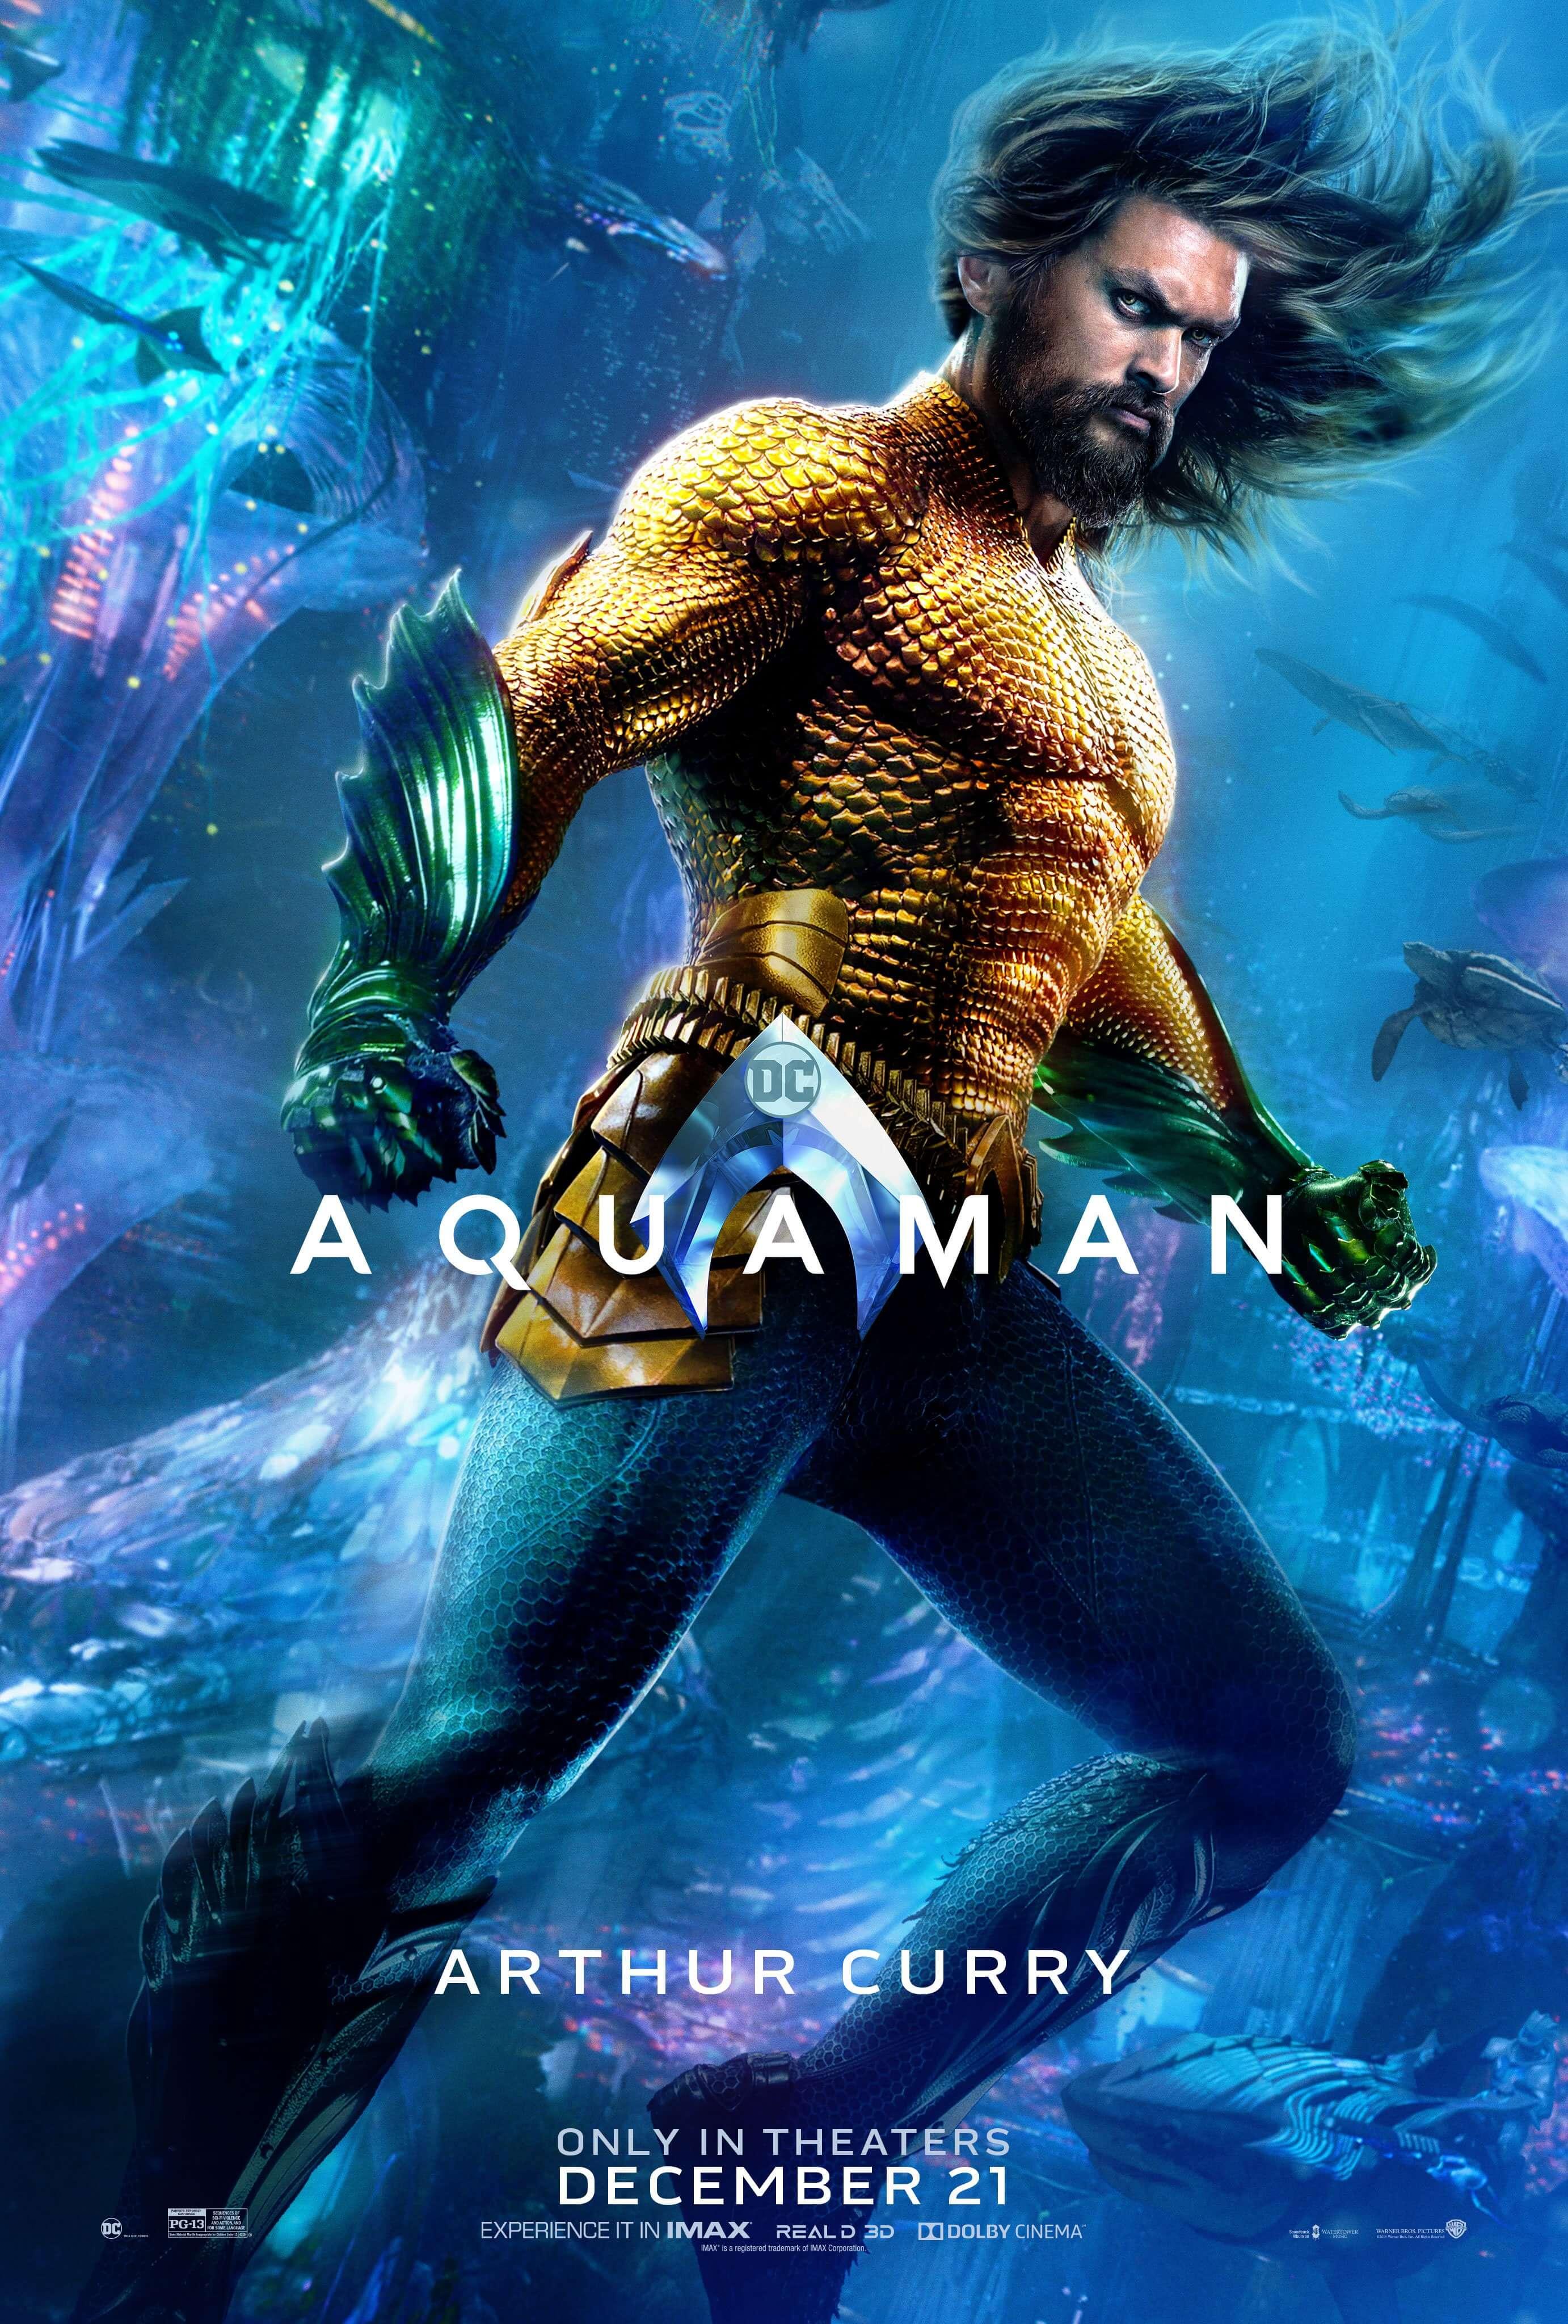 穿上經典黃綠戰袍的水行俠。